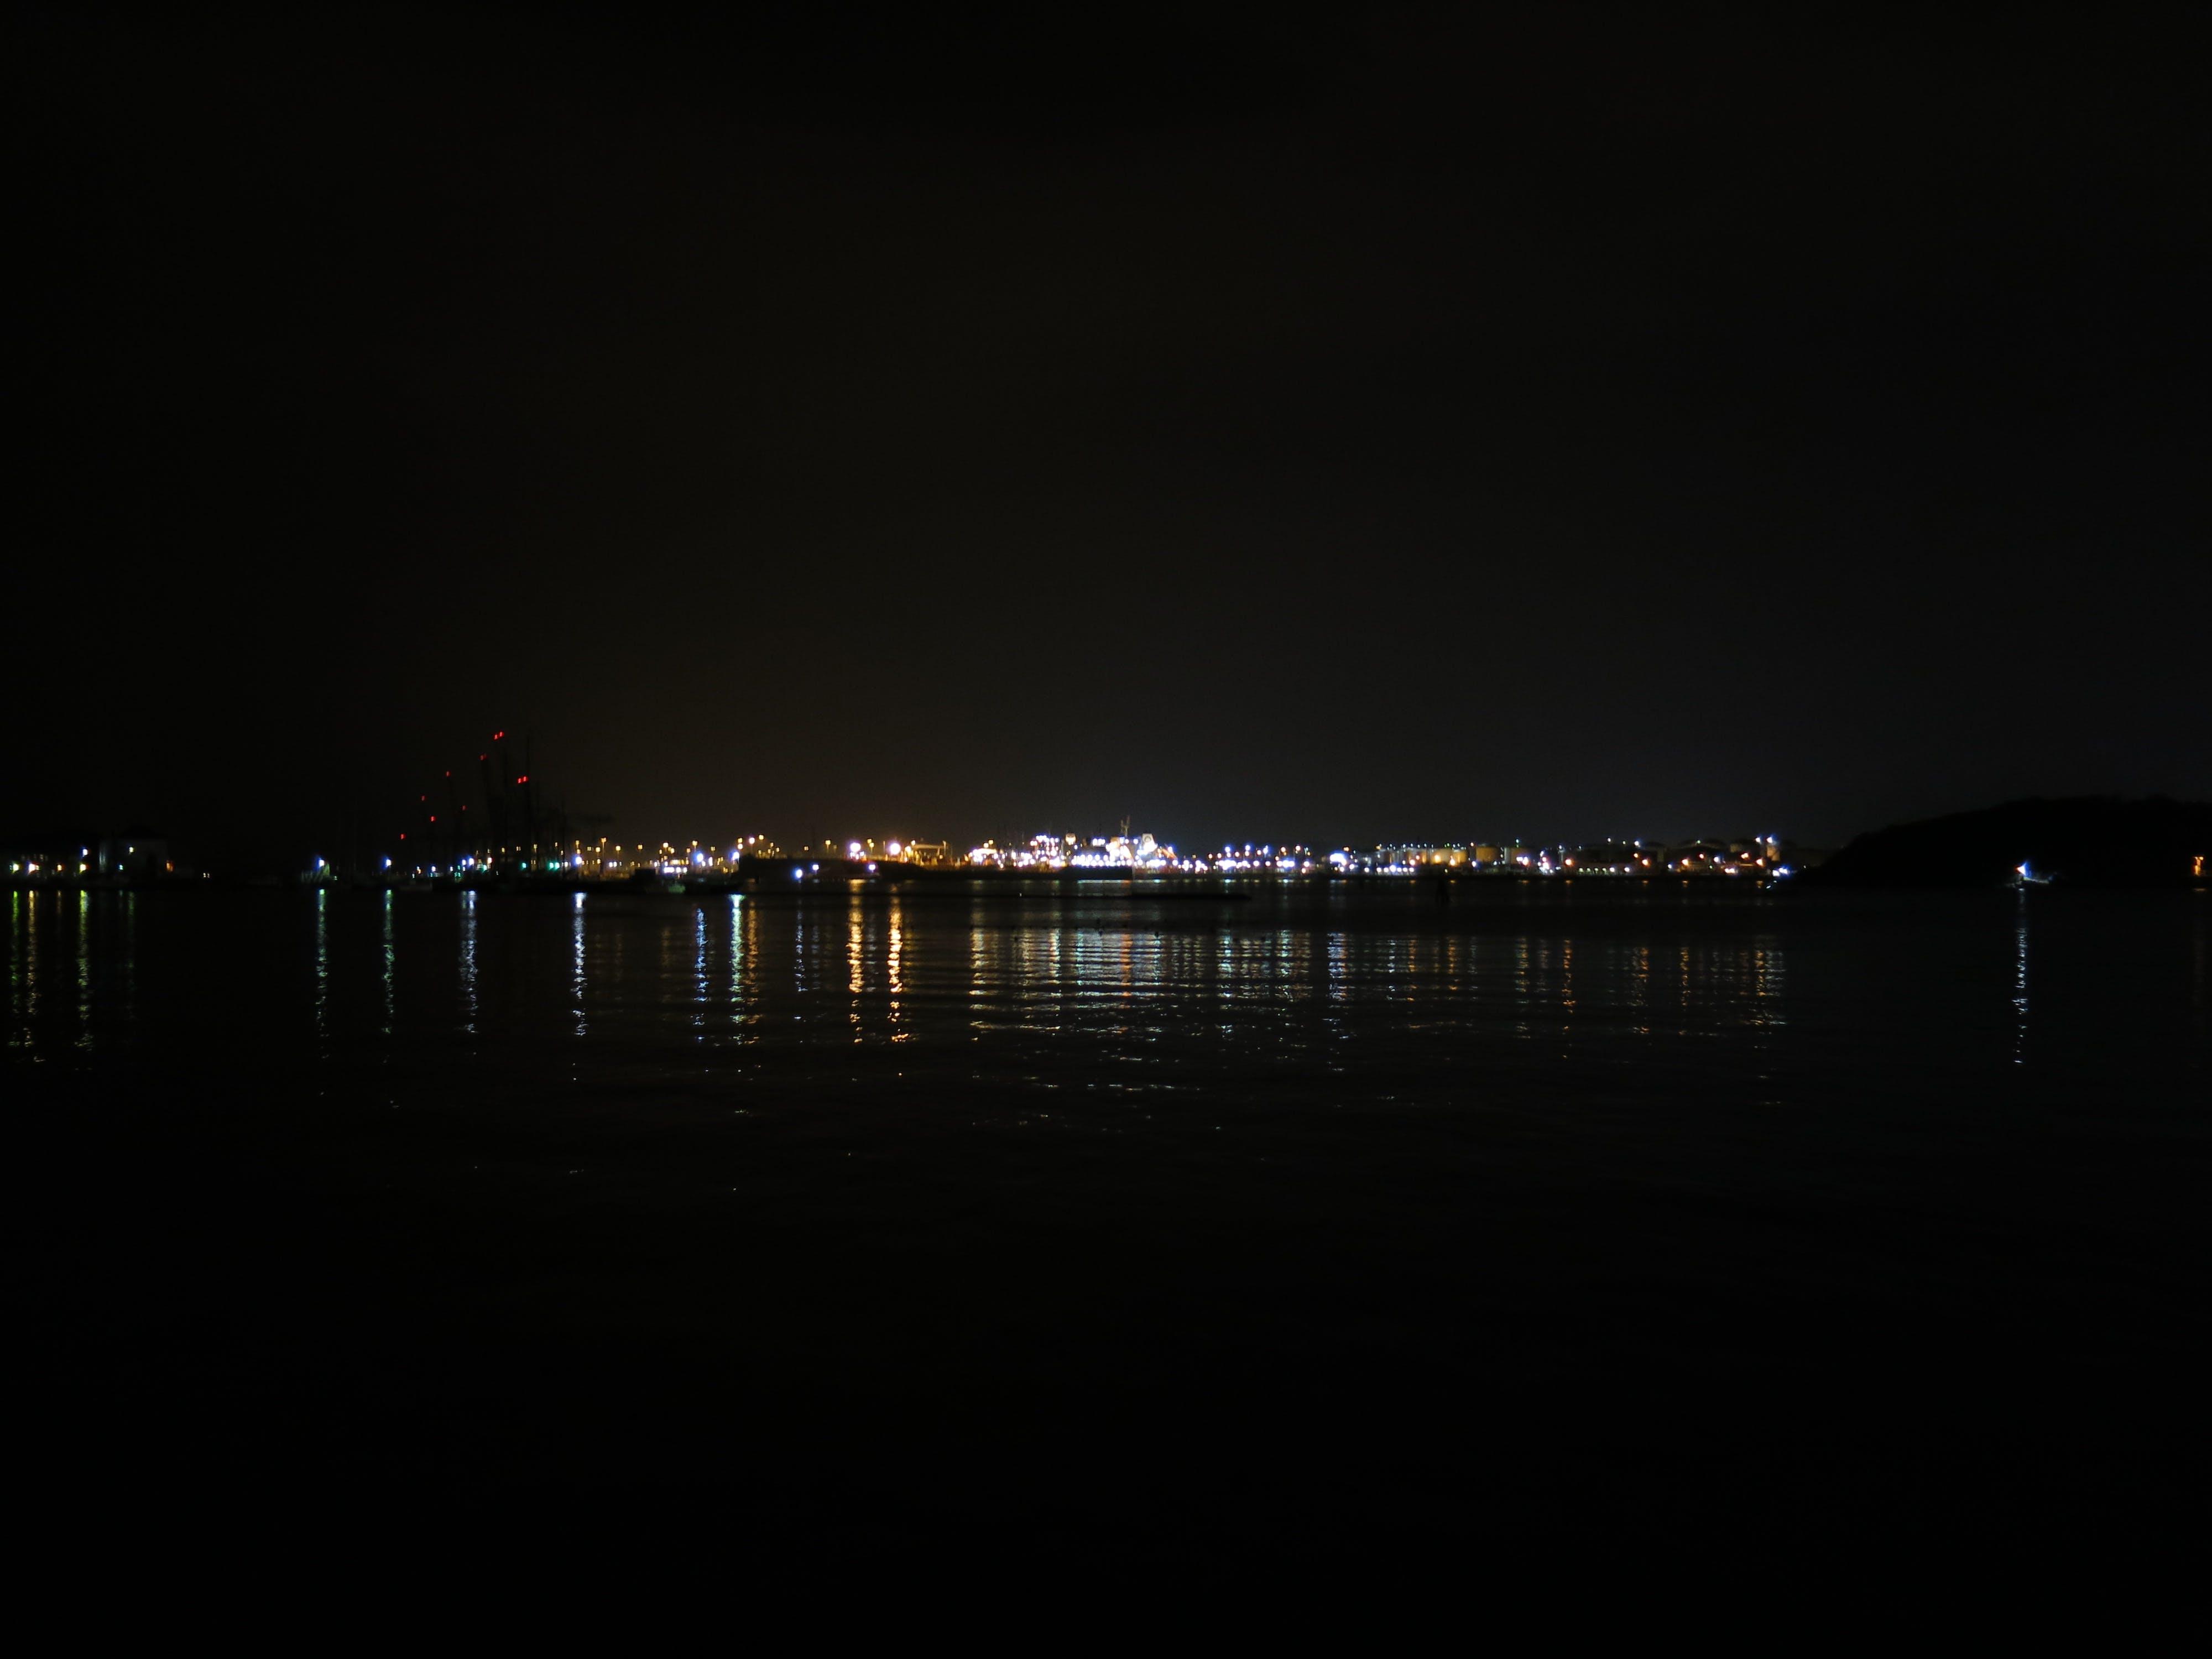 Kostenloses Stock Foto zu beleuchtung, dunkel, glühen, hafen